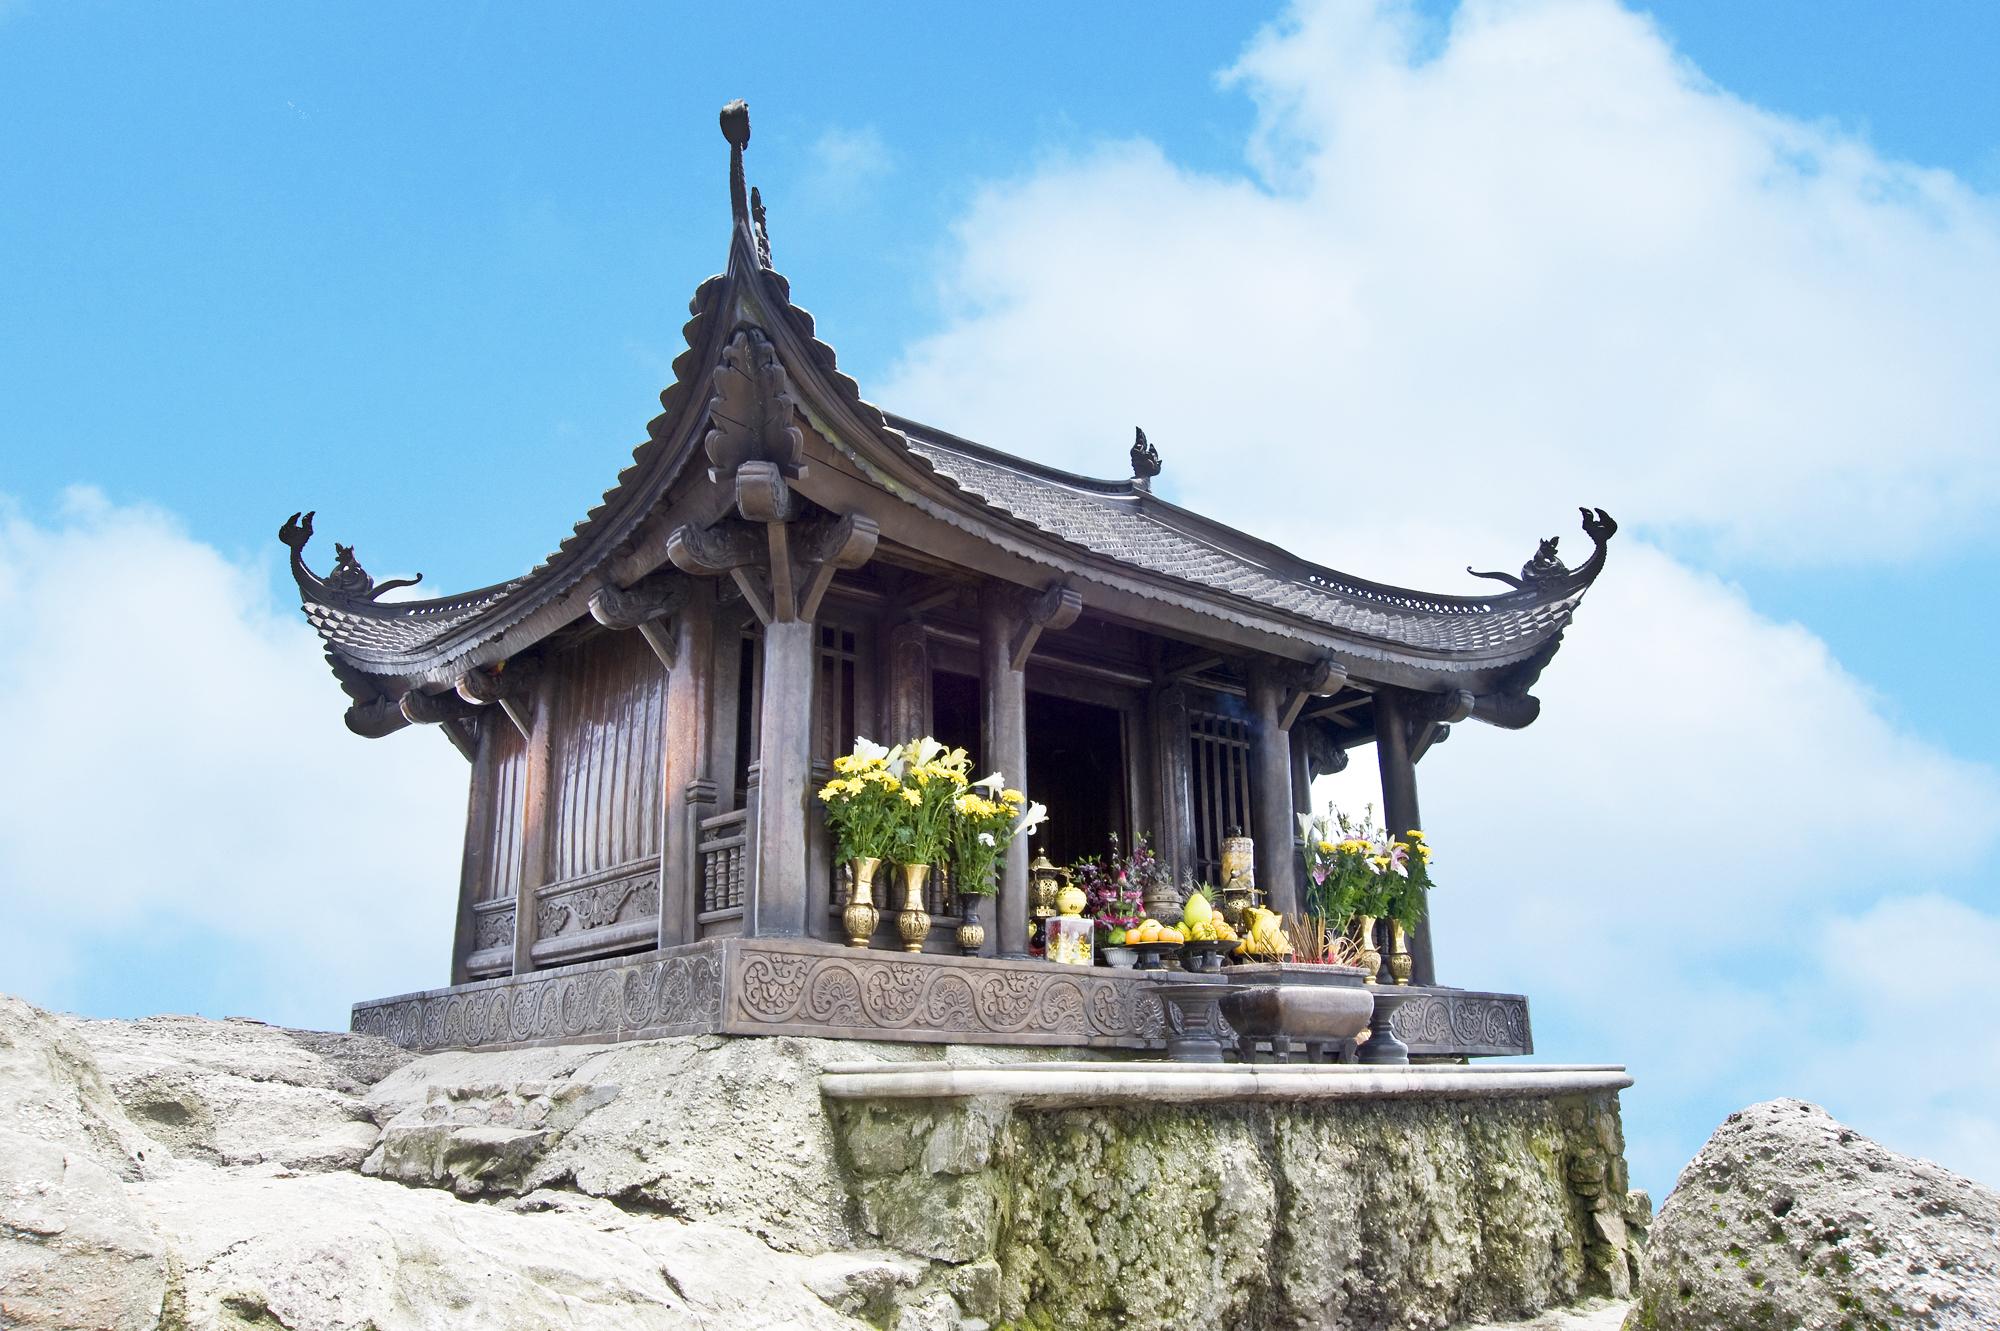 Du lịch lễ hội chùa Đồng - Yên Tử